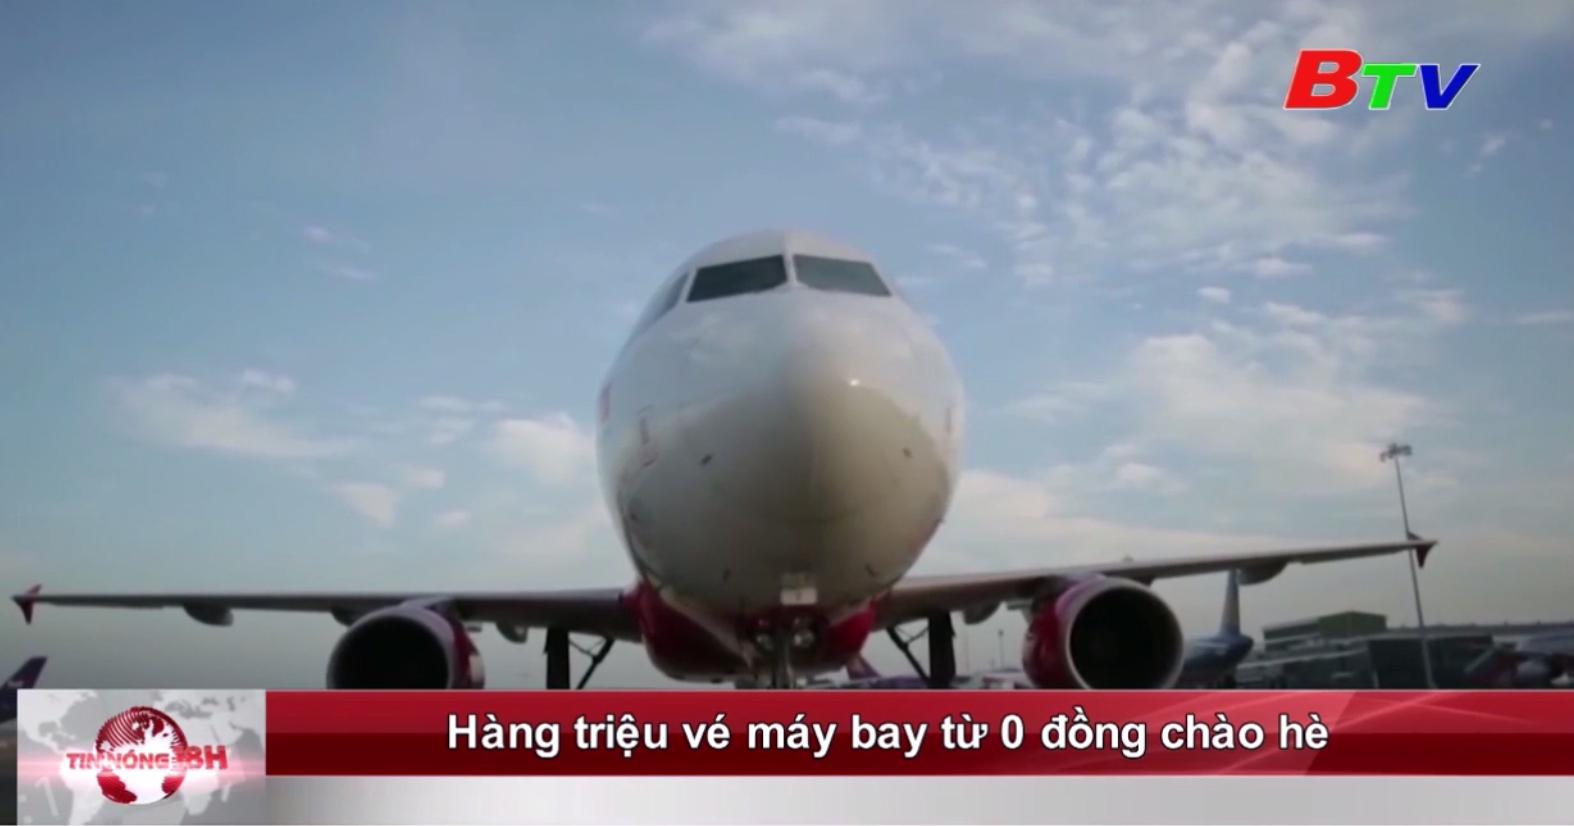 Hàng triệu vé máy bay từ 0 đồng chào hè